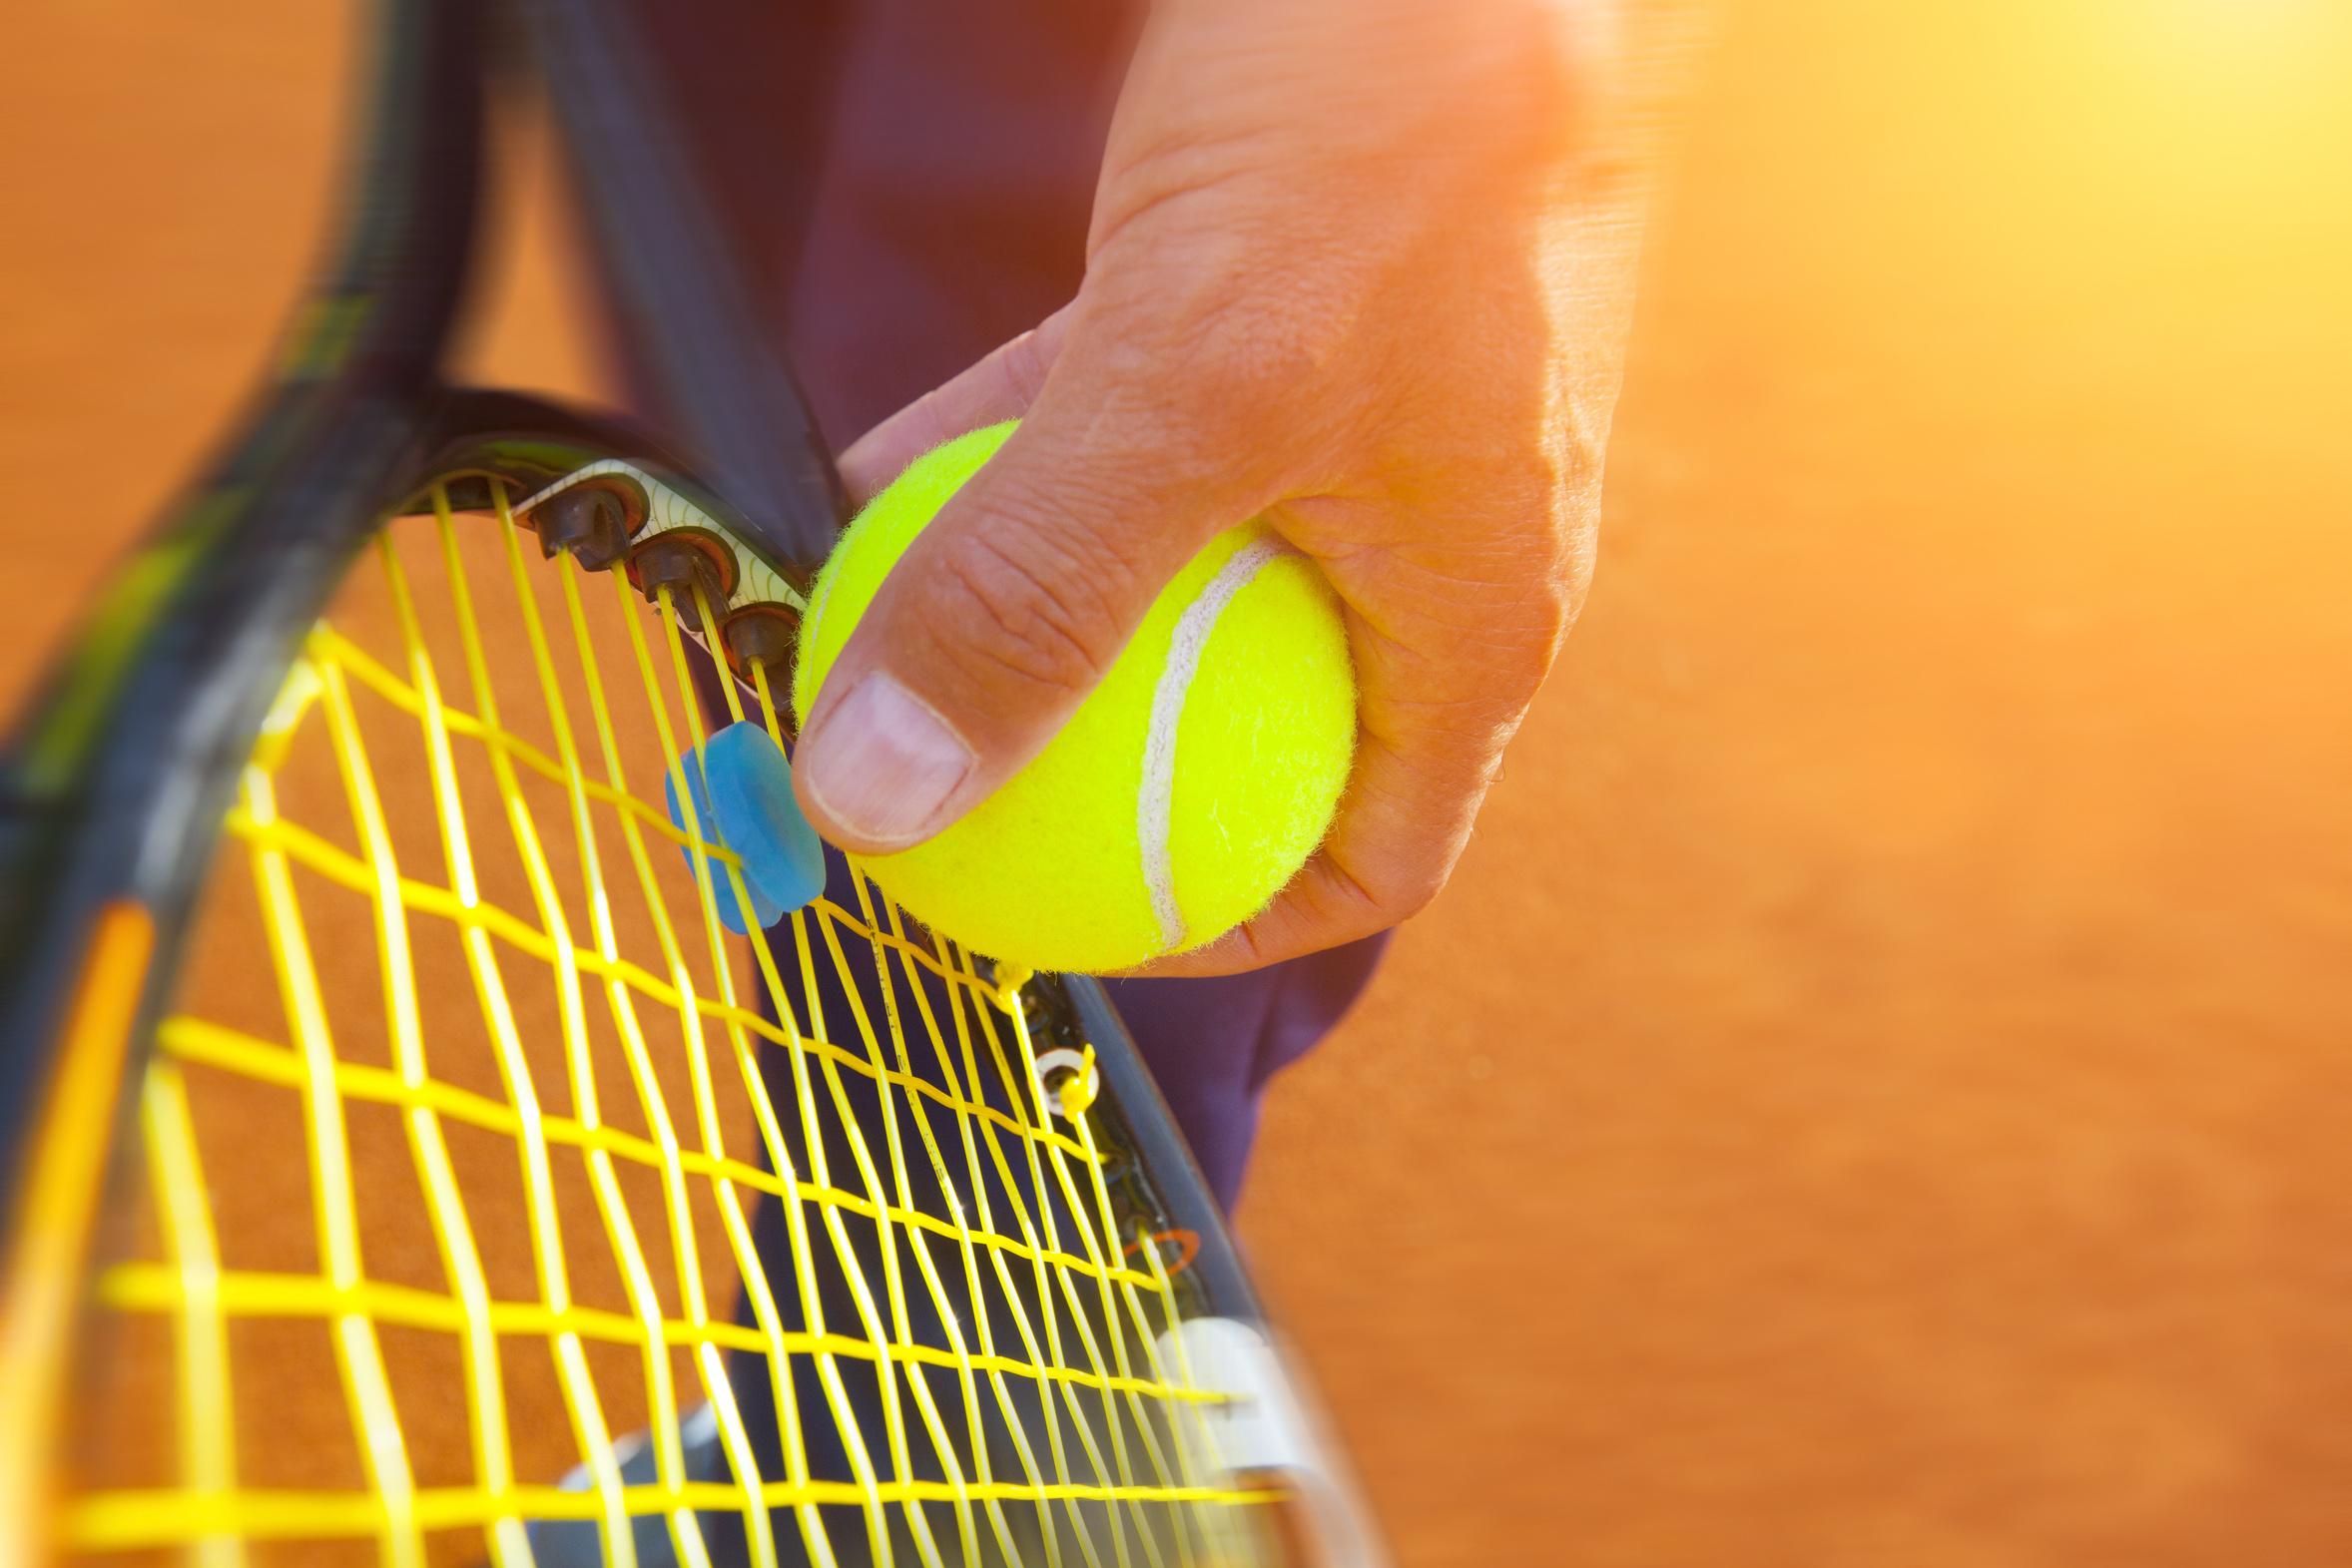 tennis-ball-on-a-tennis-court